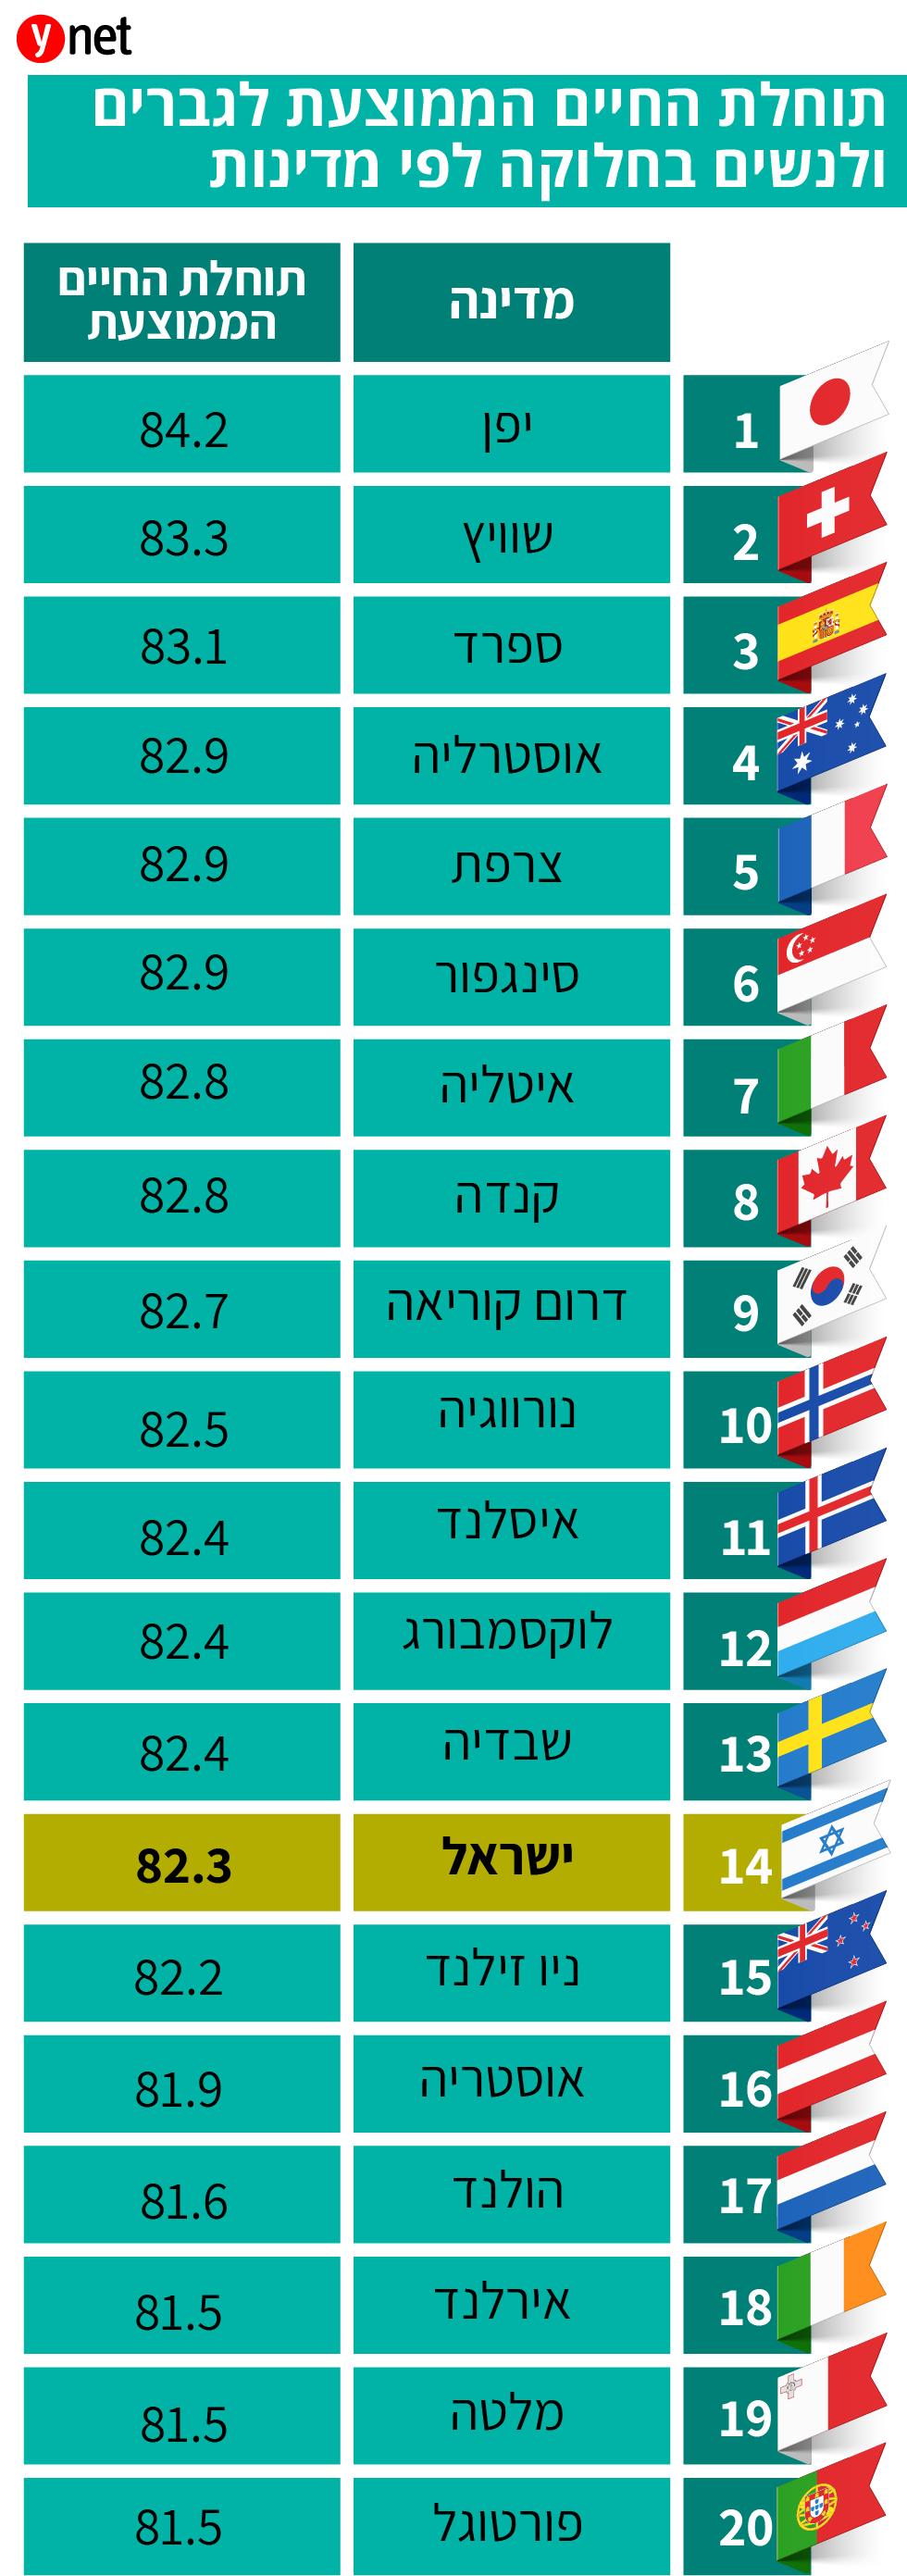 טבלה: תוחלת חיים ממוצעת לפי מדינות (ארגון הבריאות העולמי)